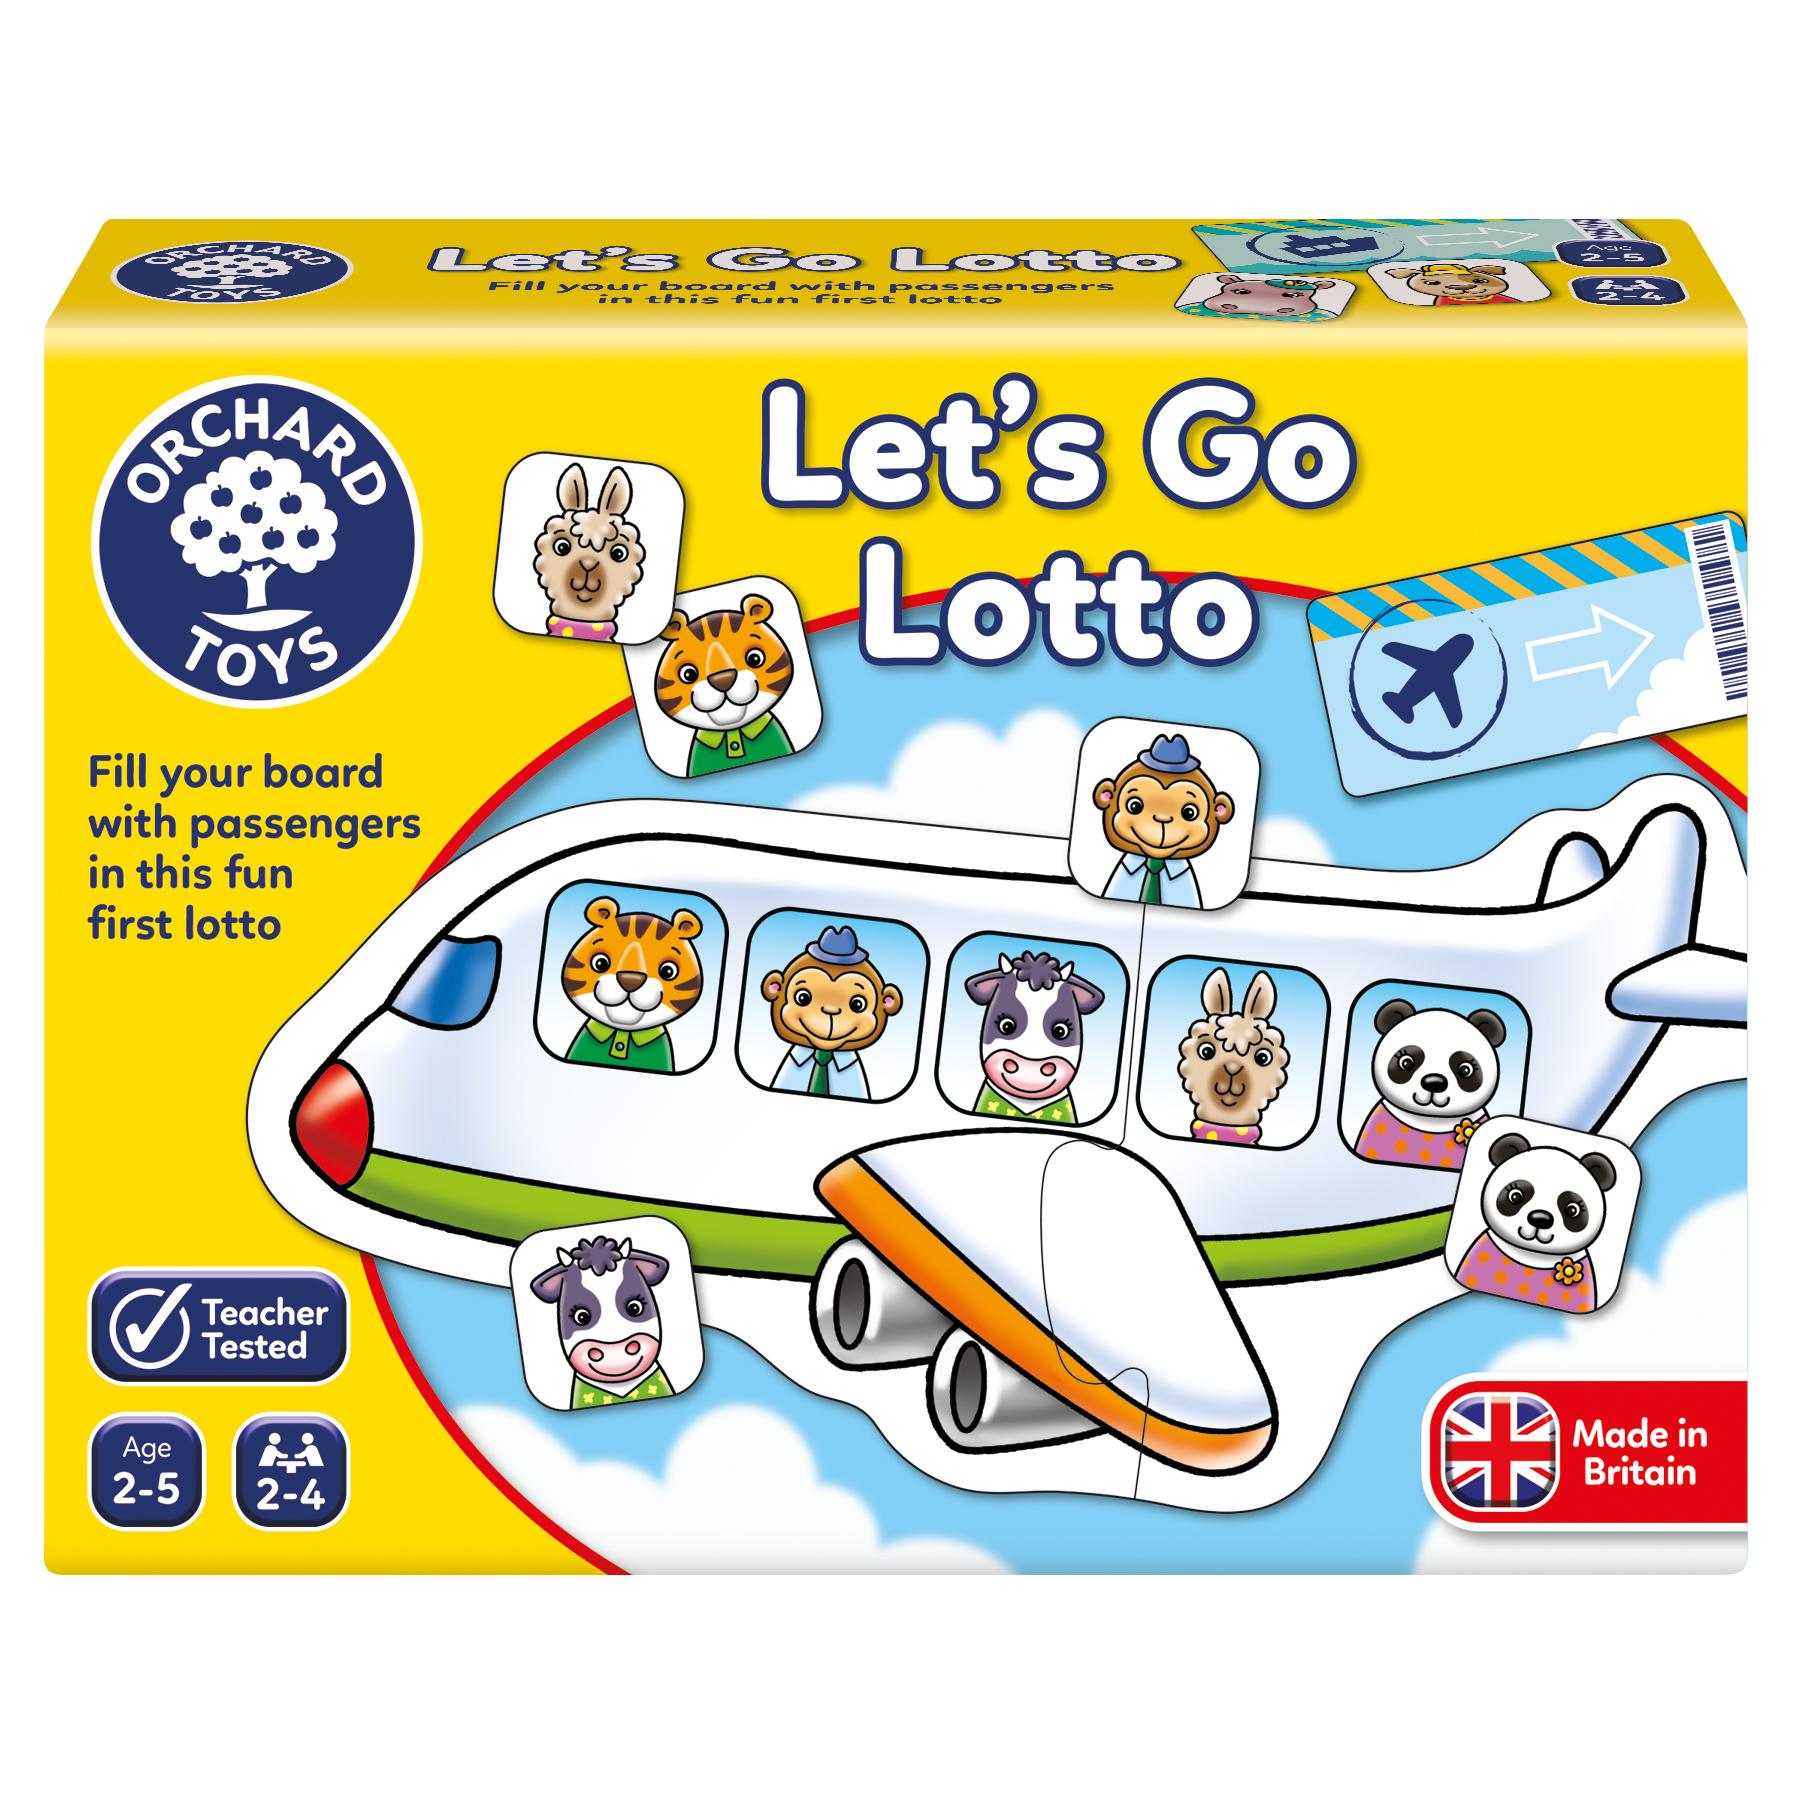 Go Lotto